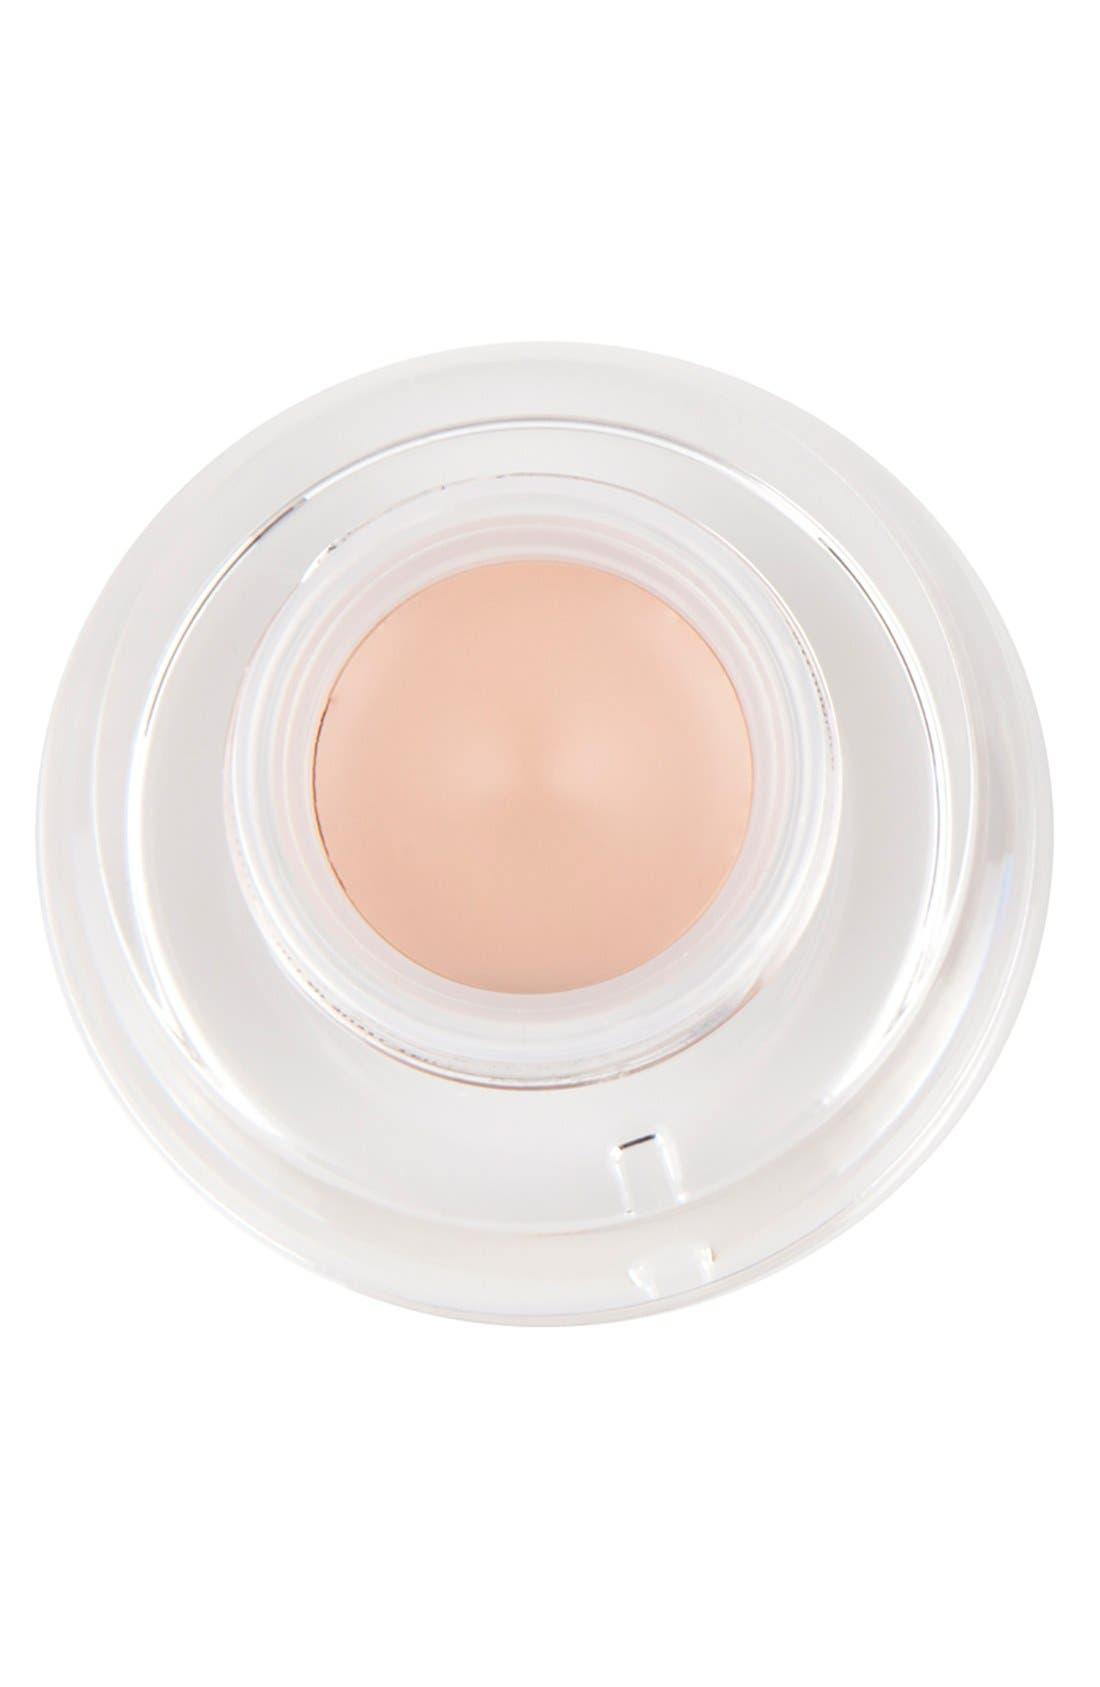 Eyeshadow Base,                             Main thumbnail 1, color,                             250